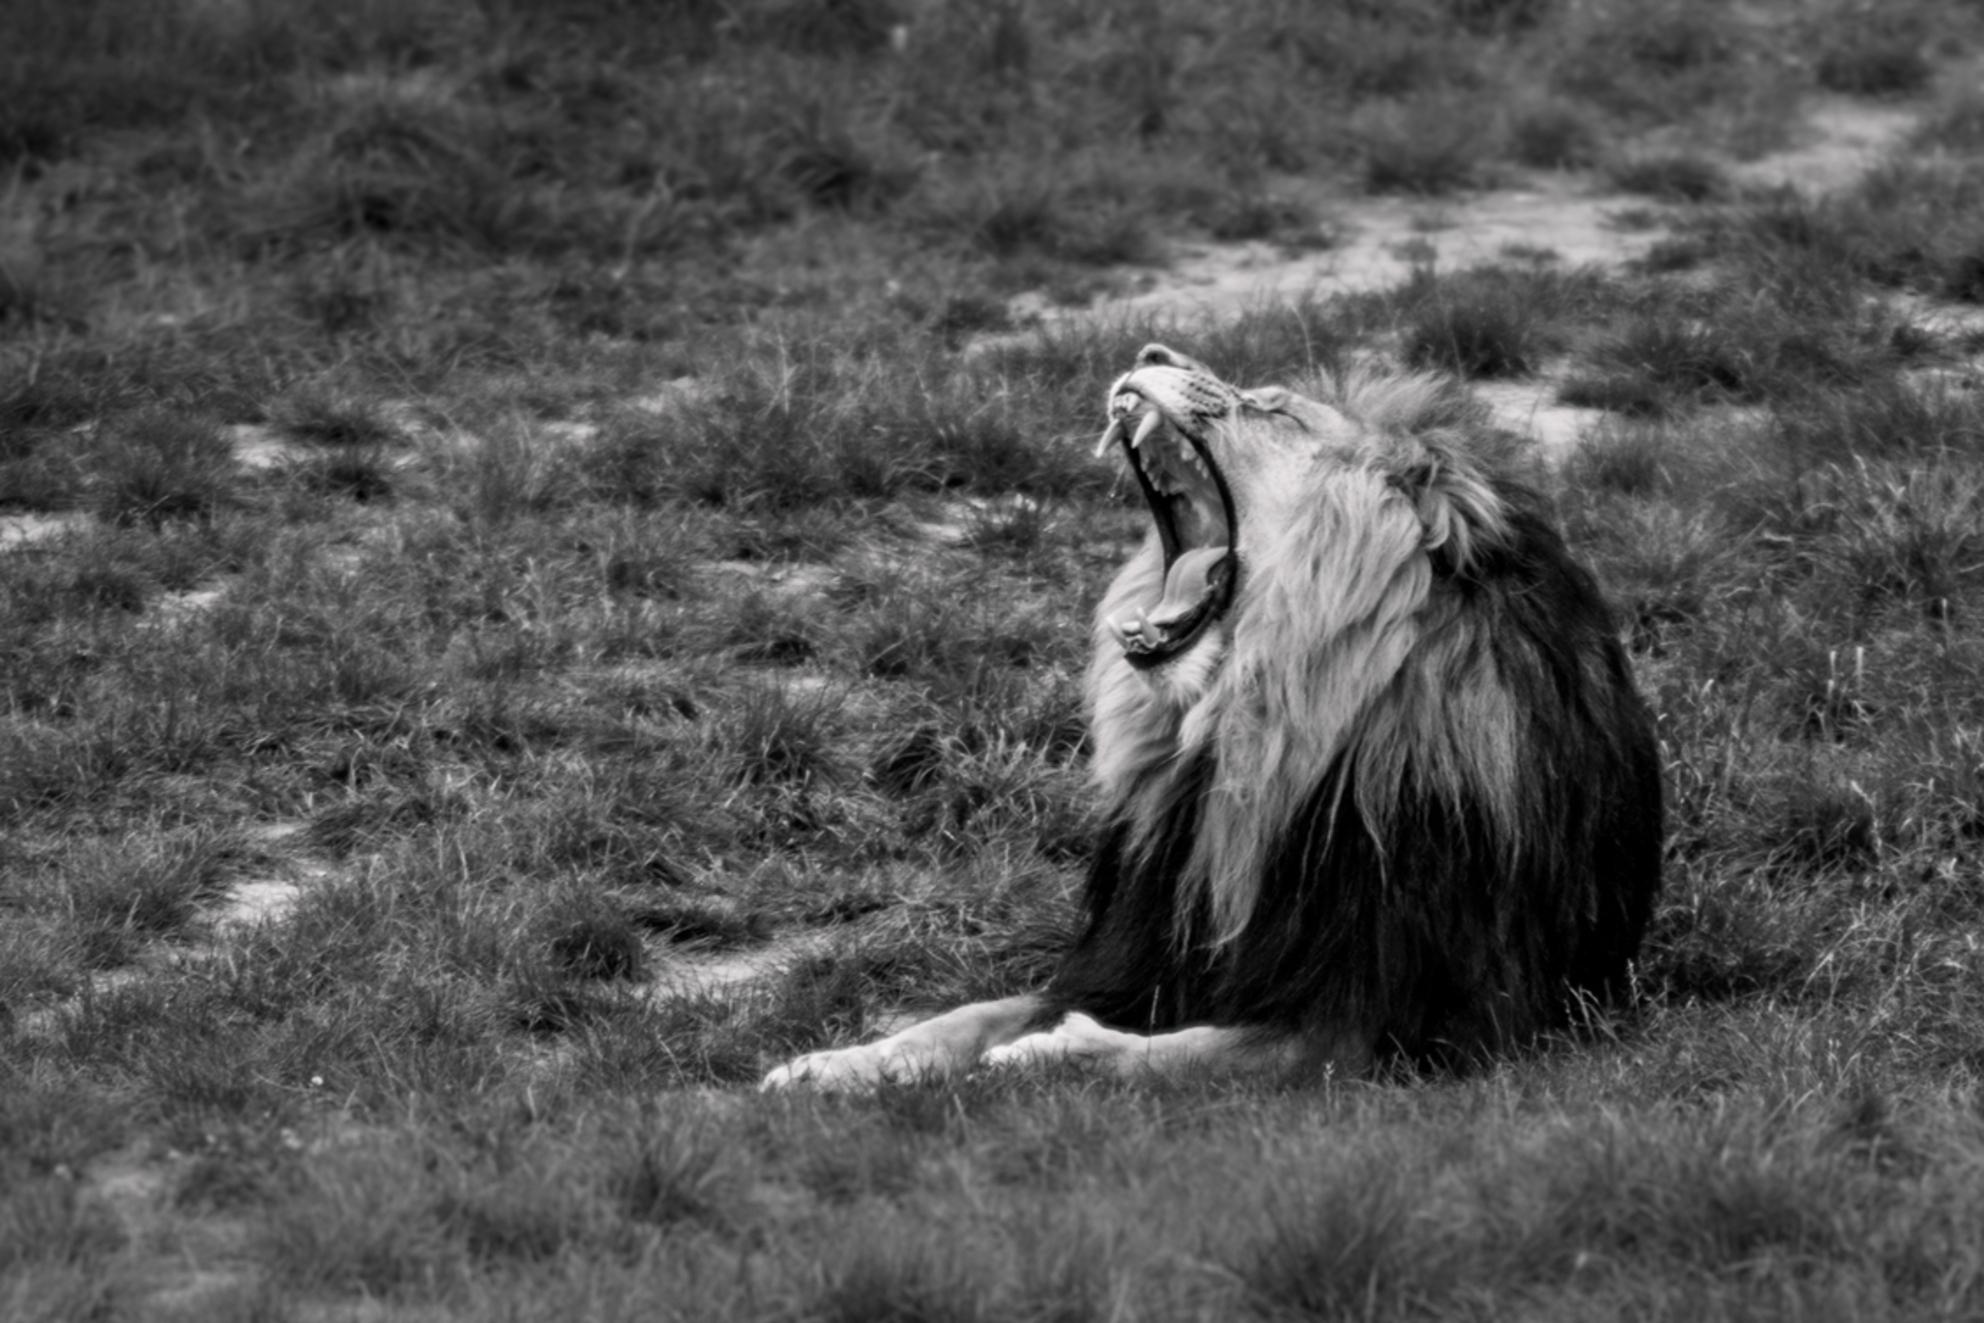 Leeuw Zwart Wit - Deze foto heb ik gemaakt tijdens het familie uitje naar de Beekse Bergen in deze corona periode. Volgens mij had deze leeuw ook door dat je 1.5m afst - foto door Donne op 28-10-2020 - deze foto bevat: dierentuin, leeuw